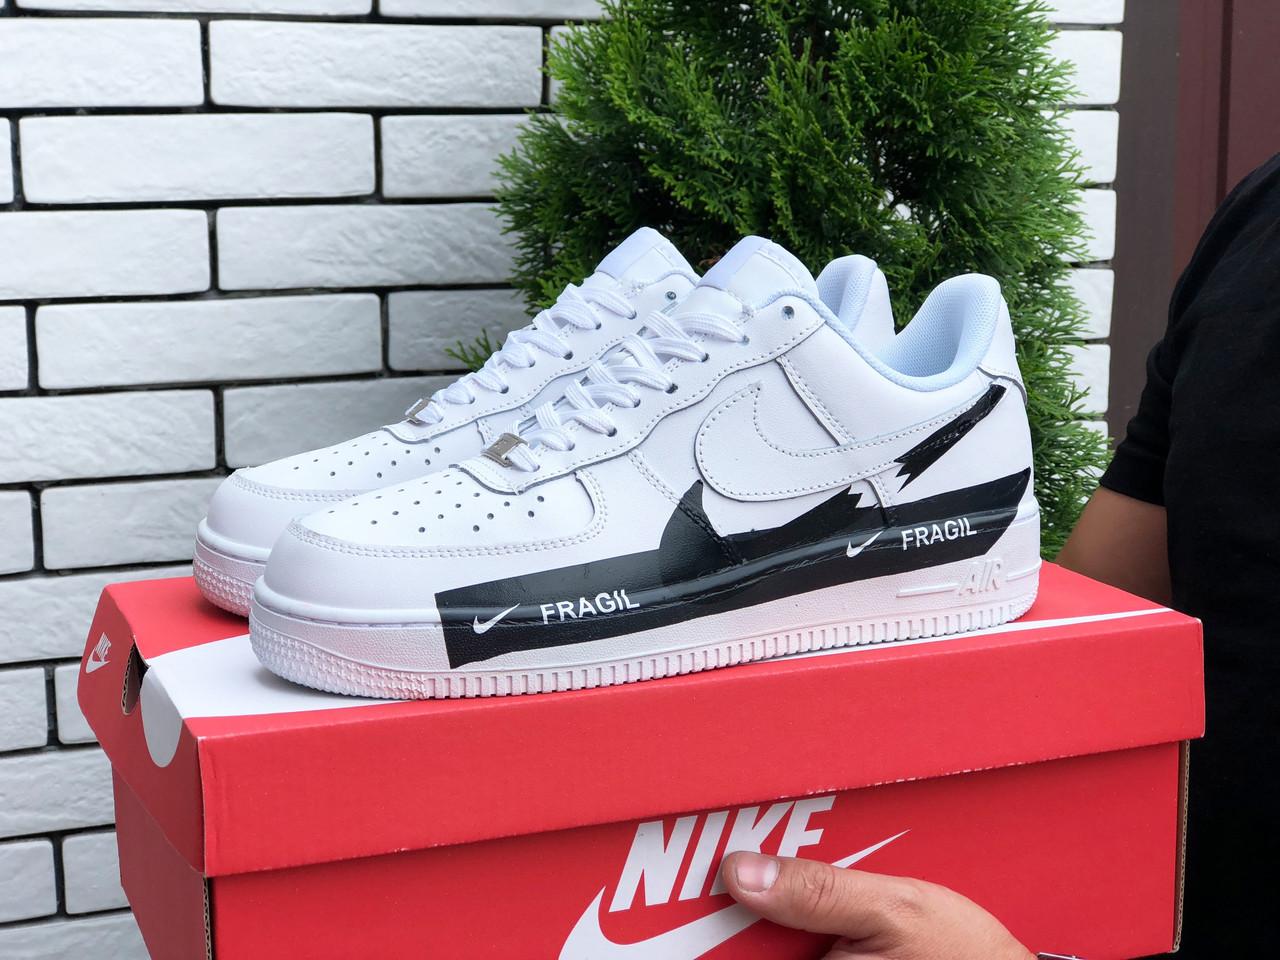 Чоловічі кроссовки Nike Air Force Fragil white